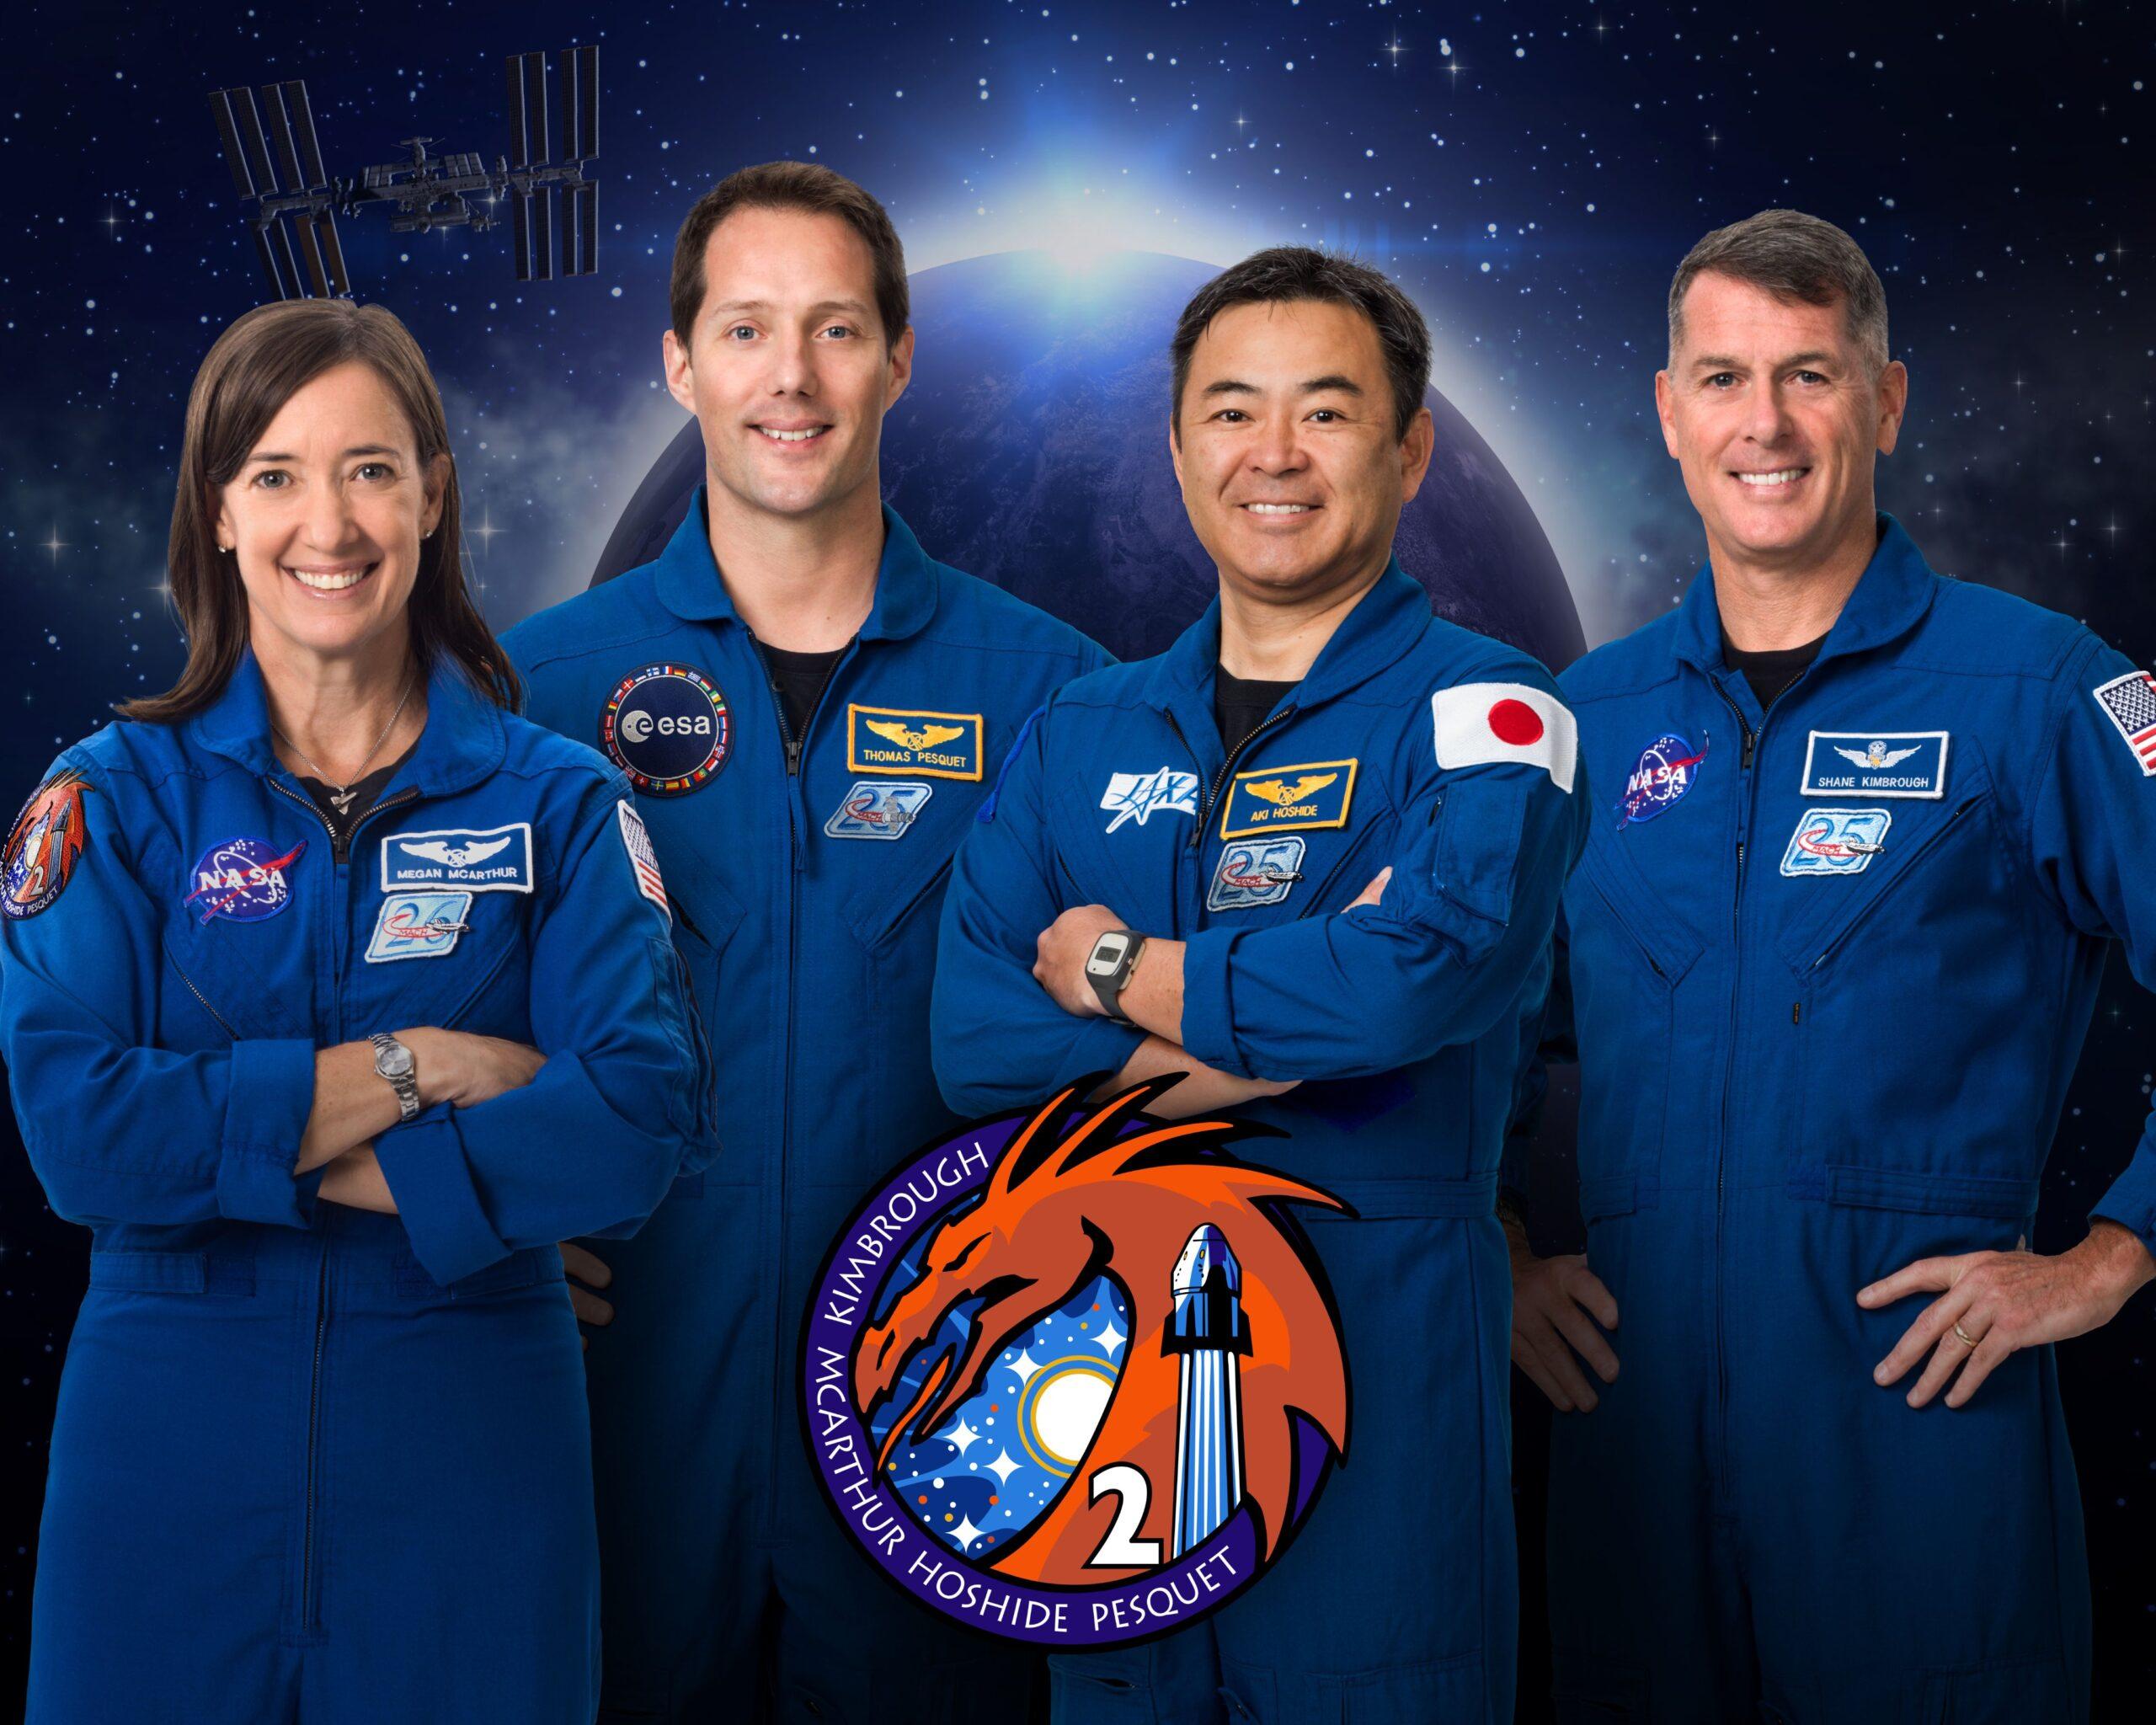 L'equipaggio della missione Crew-2. Da sinistra: Megan McArthur Thomas PesquetAkihiko Hoshide Robert Kimbrough. Credits: NASA.